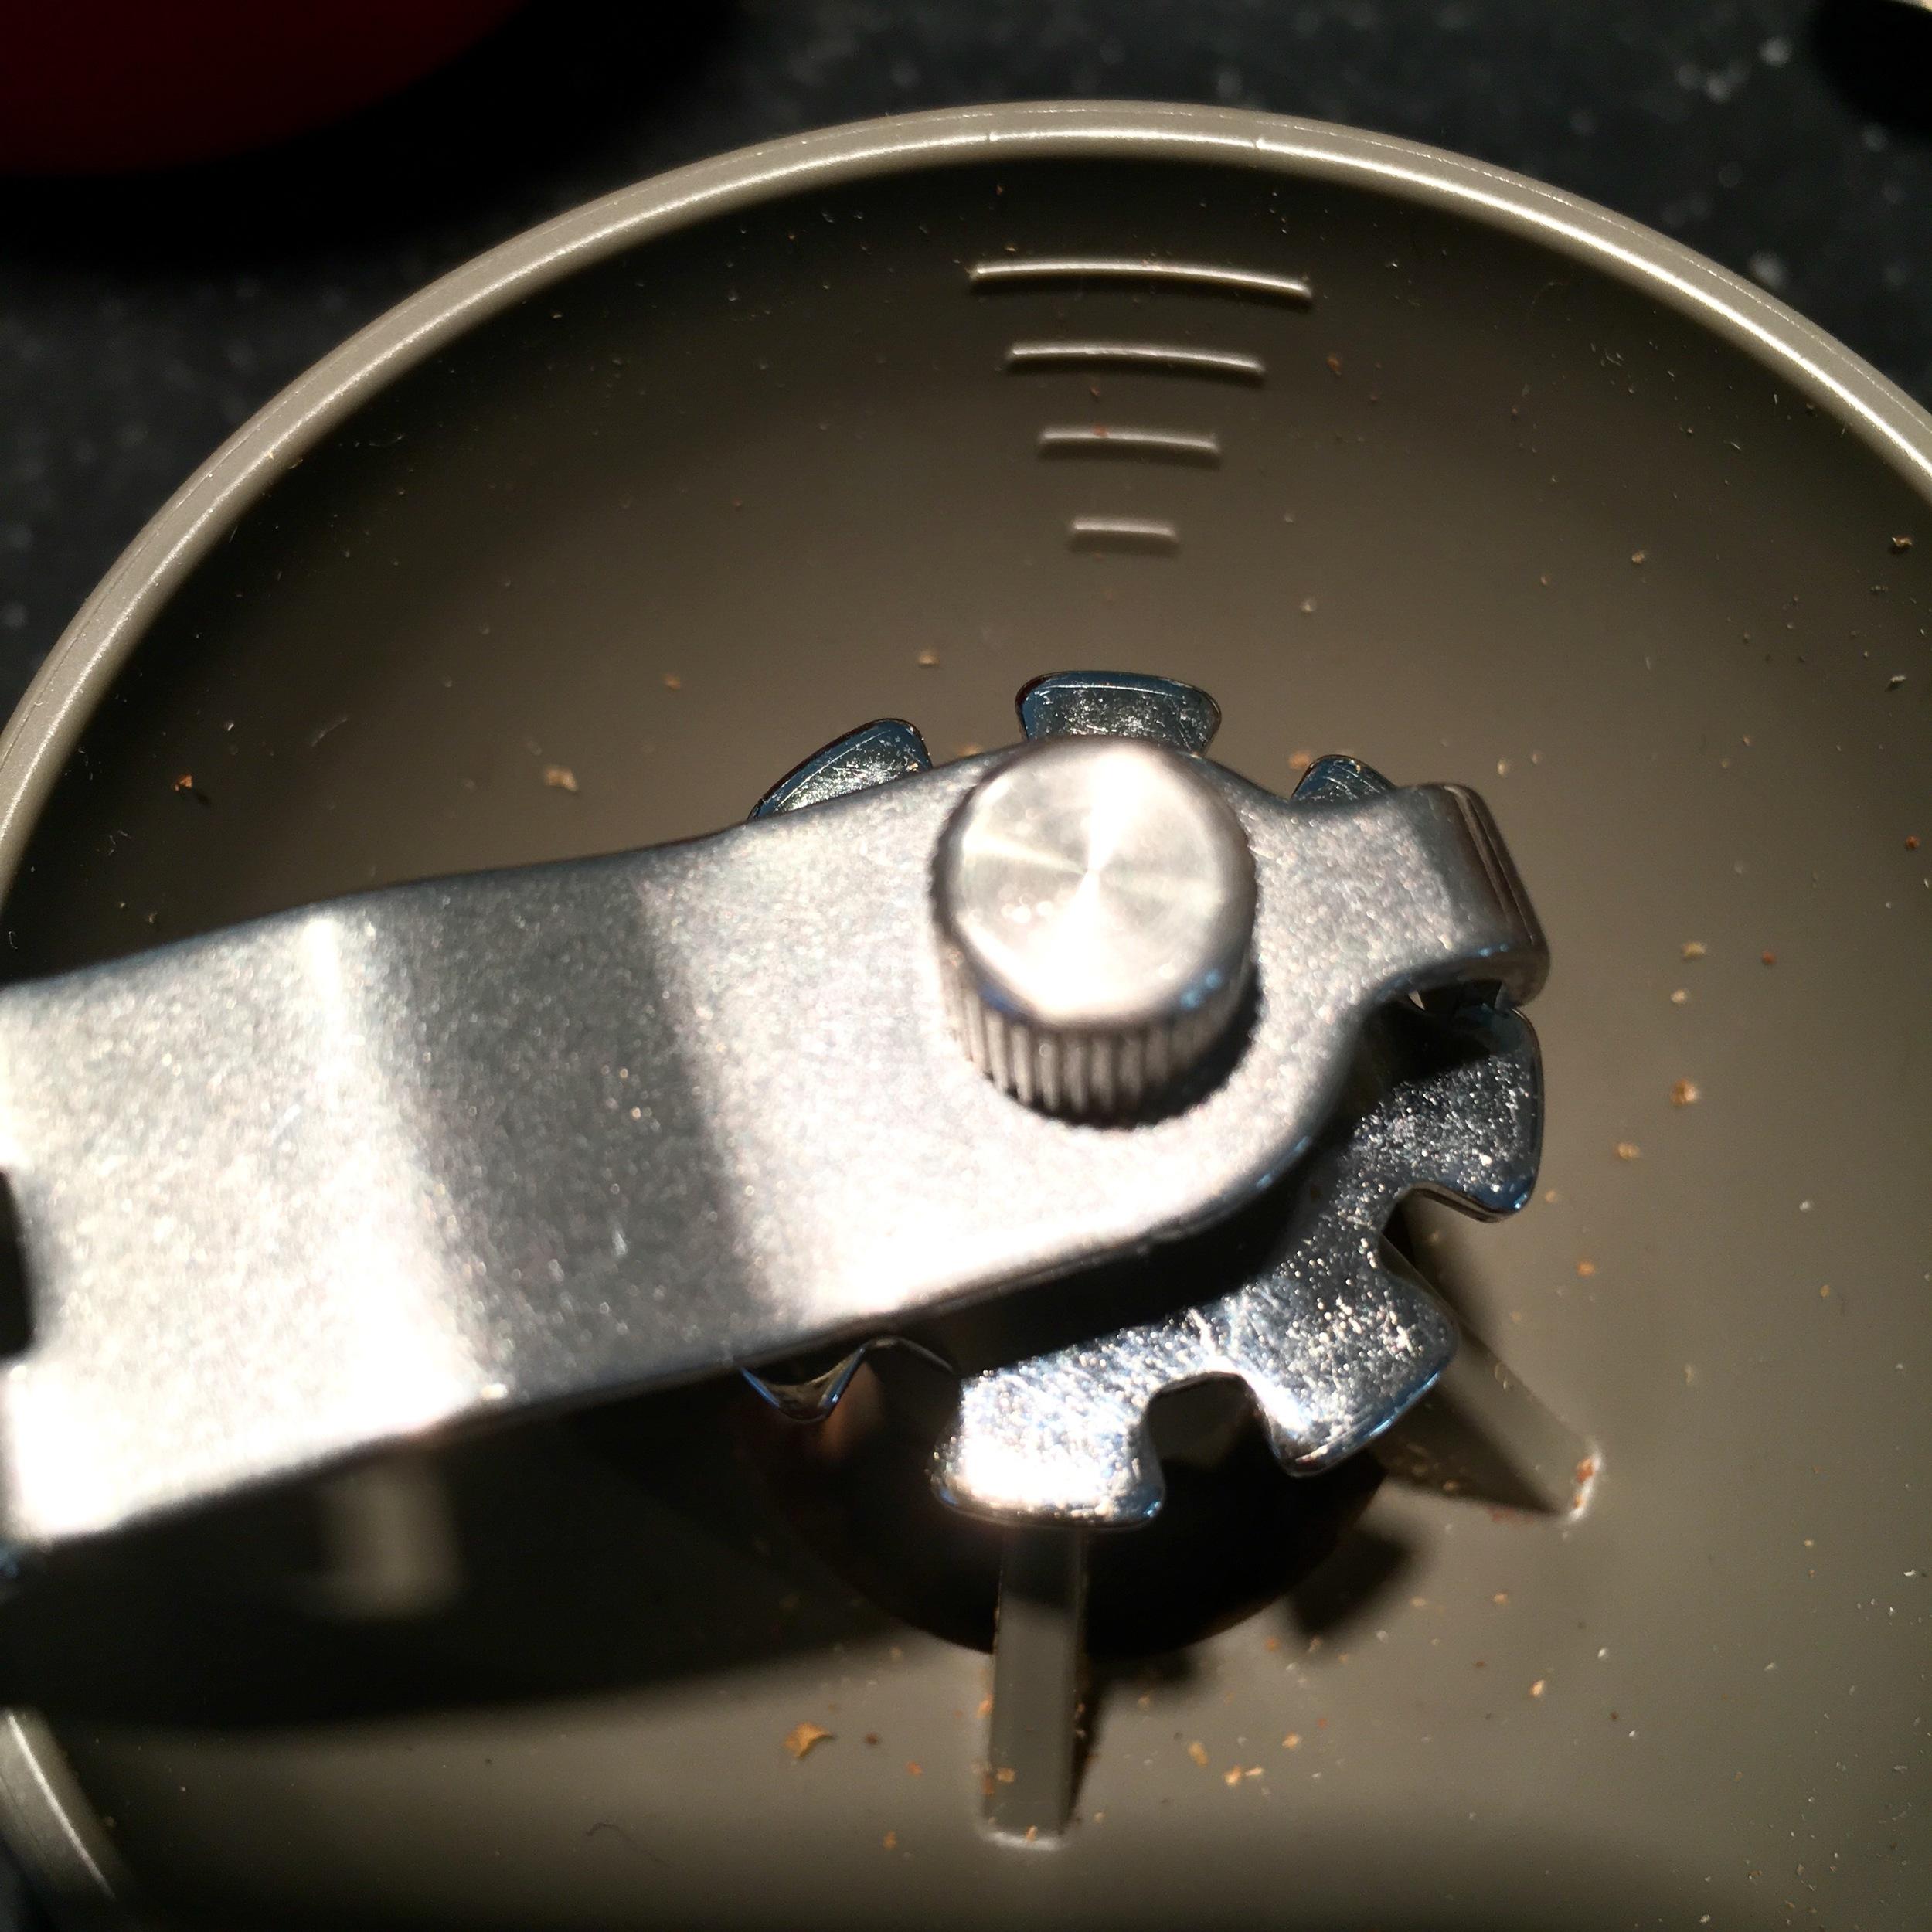 Hopper Tick Marks for Measuring Grams of Beans Loaded